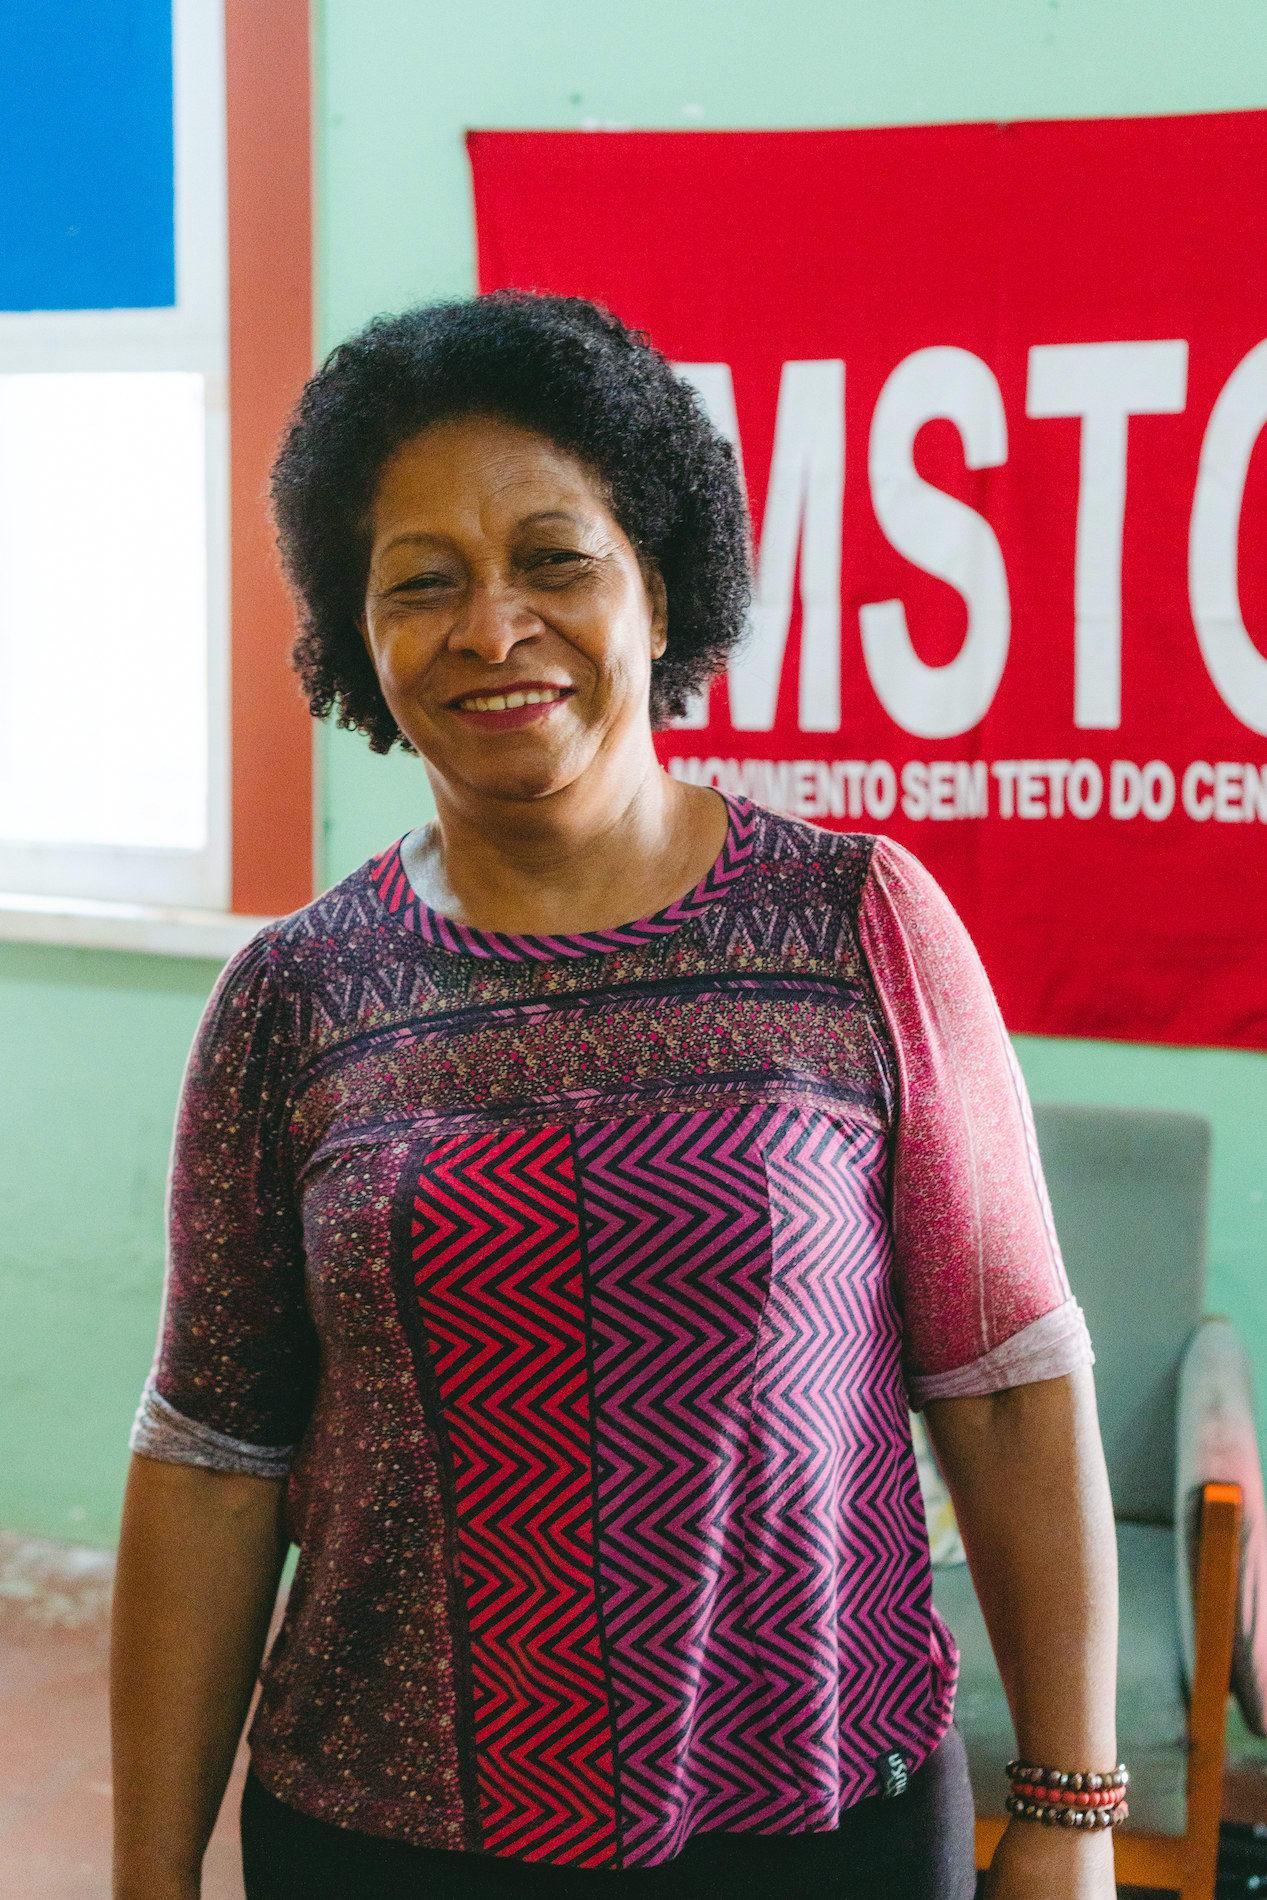 Assistente social da Ocupação 9 de Julho na frente da bandeira do Movimento dos Sem-Teto do Centro.